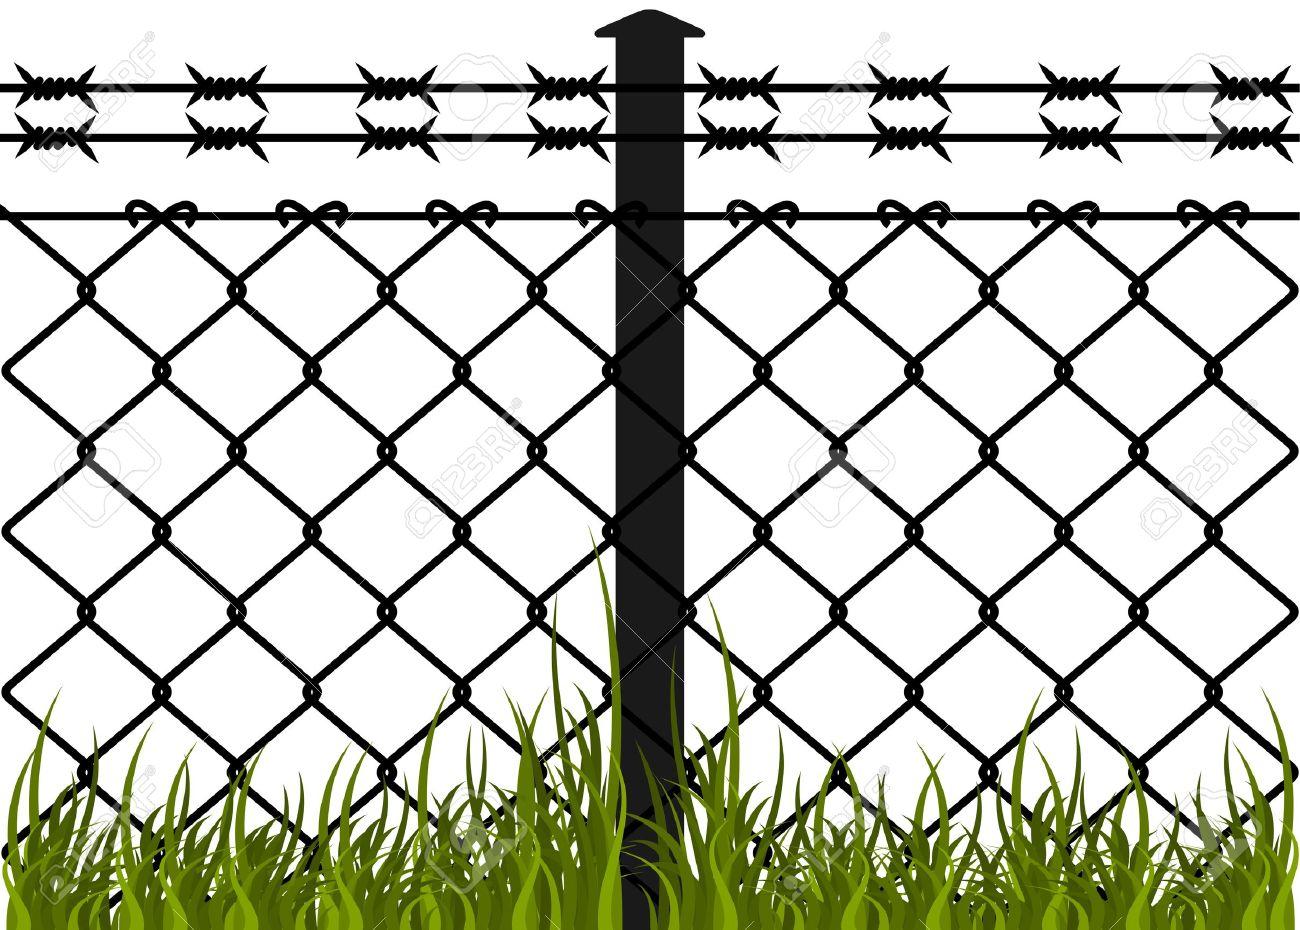 Как сделать забор из колючей проволоки своими руками